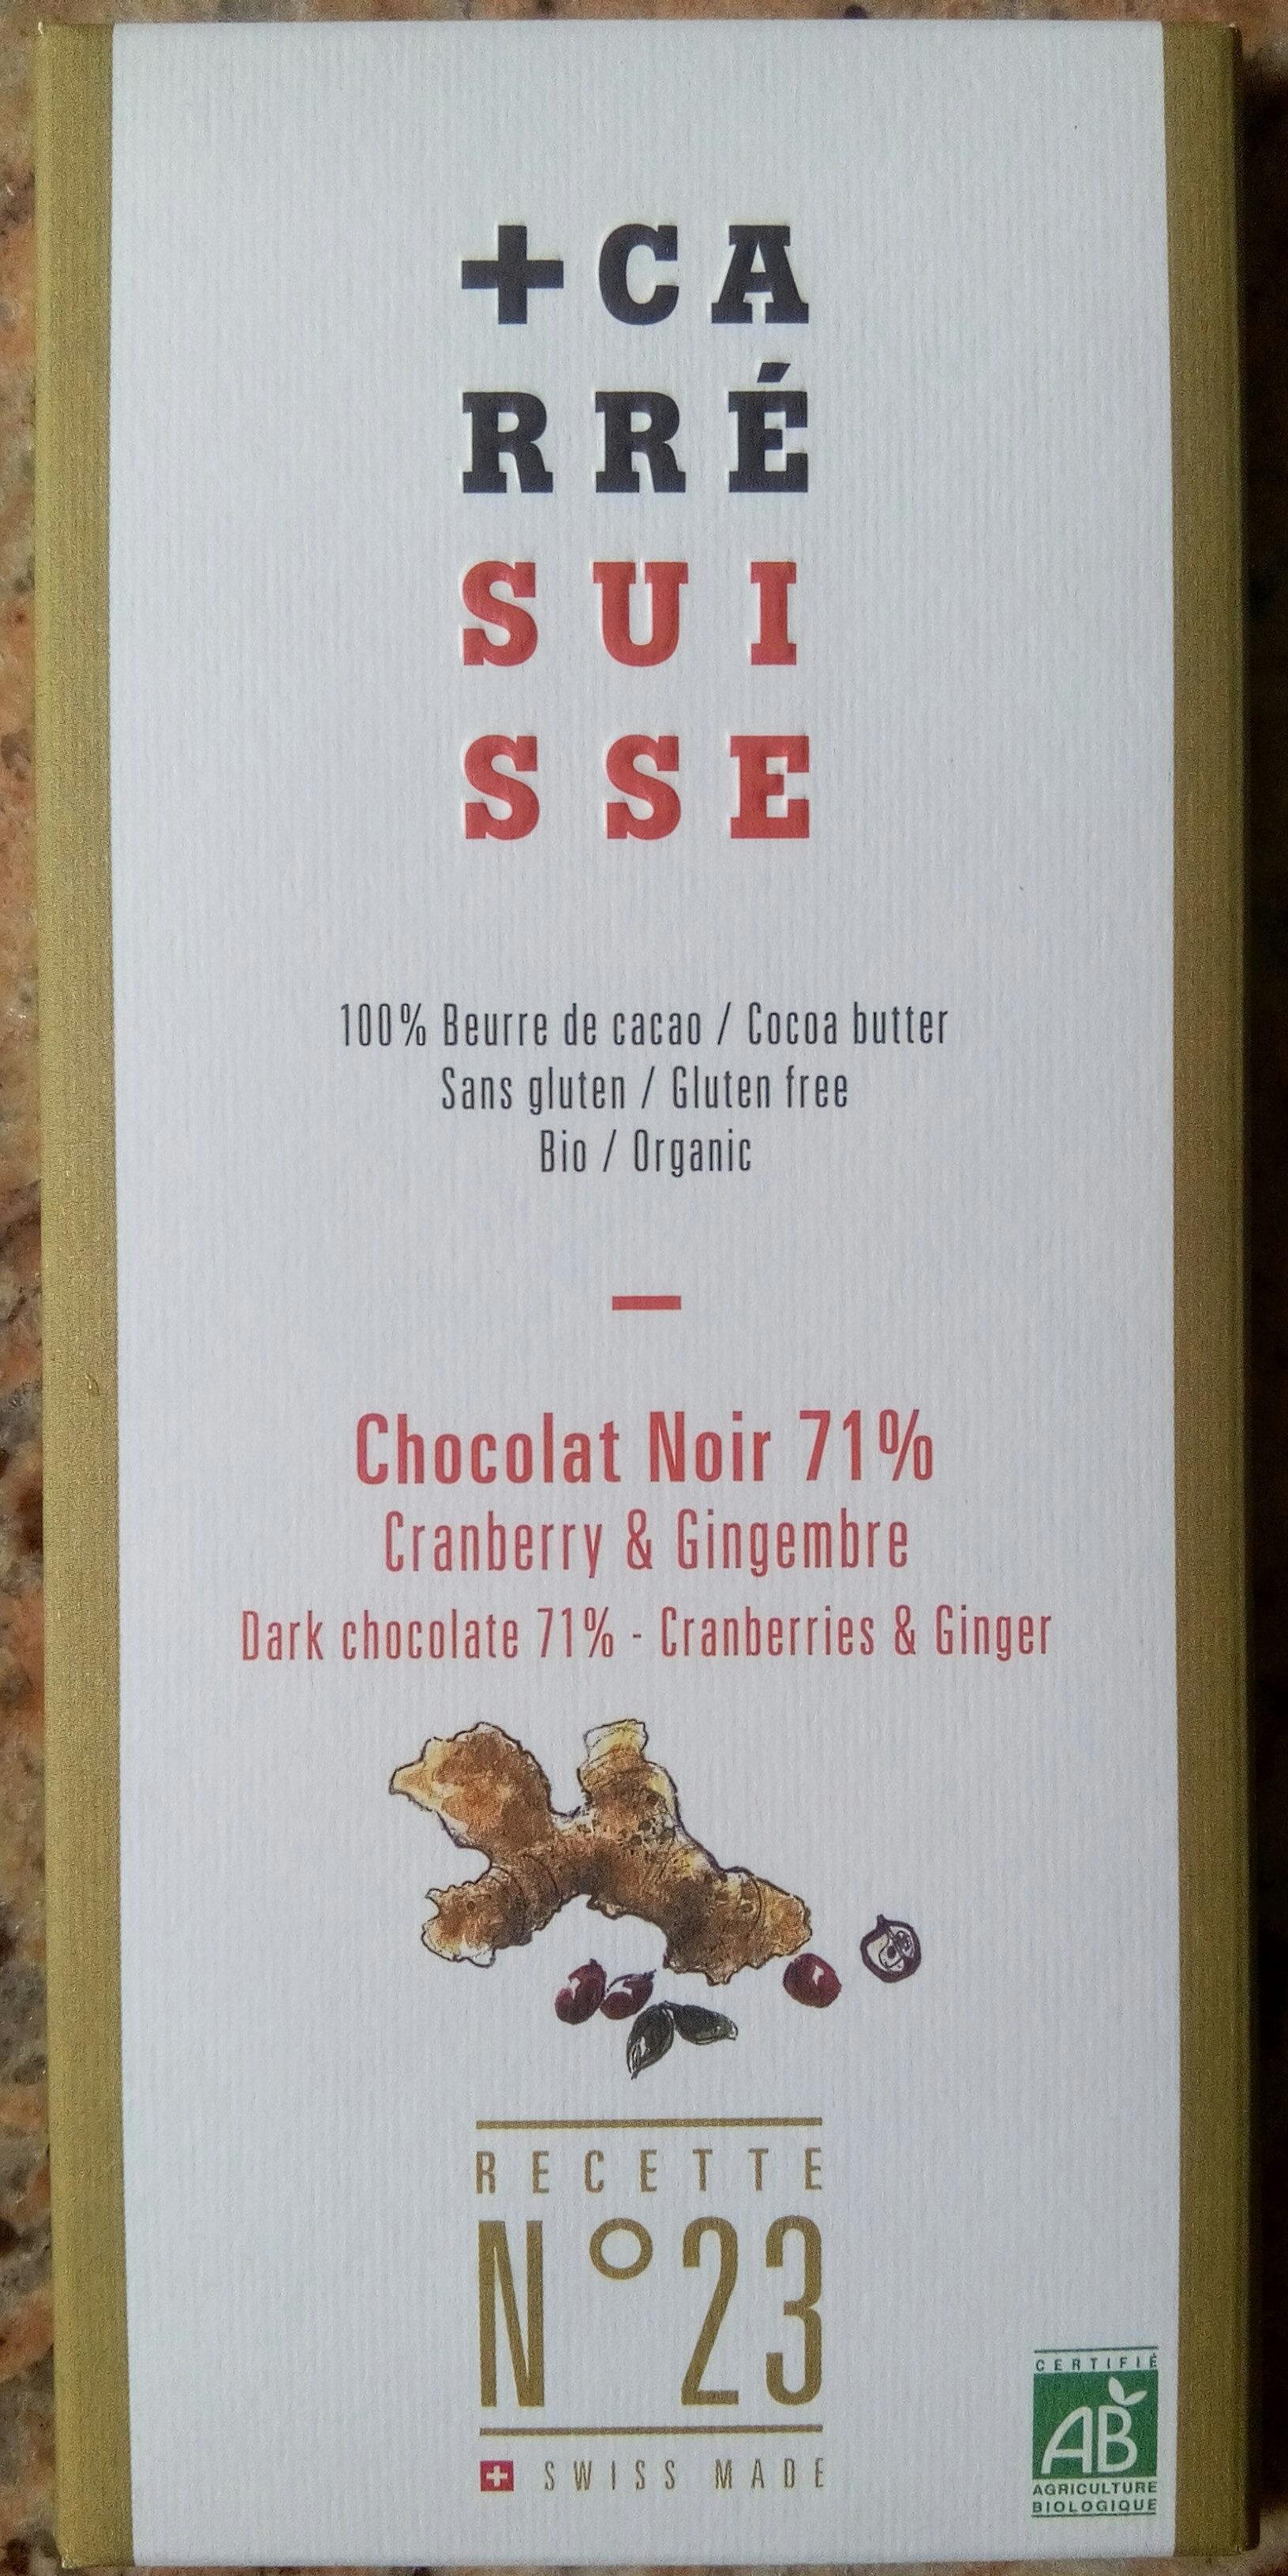 Chocolat noir 71% Cranberry & Gingembre Recette n°23 - Produit